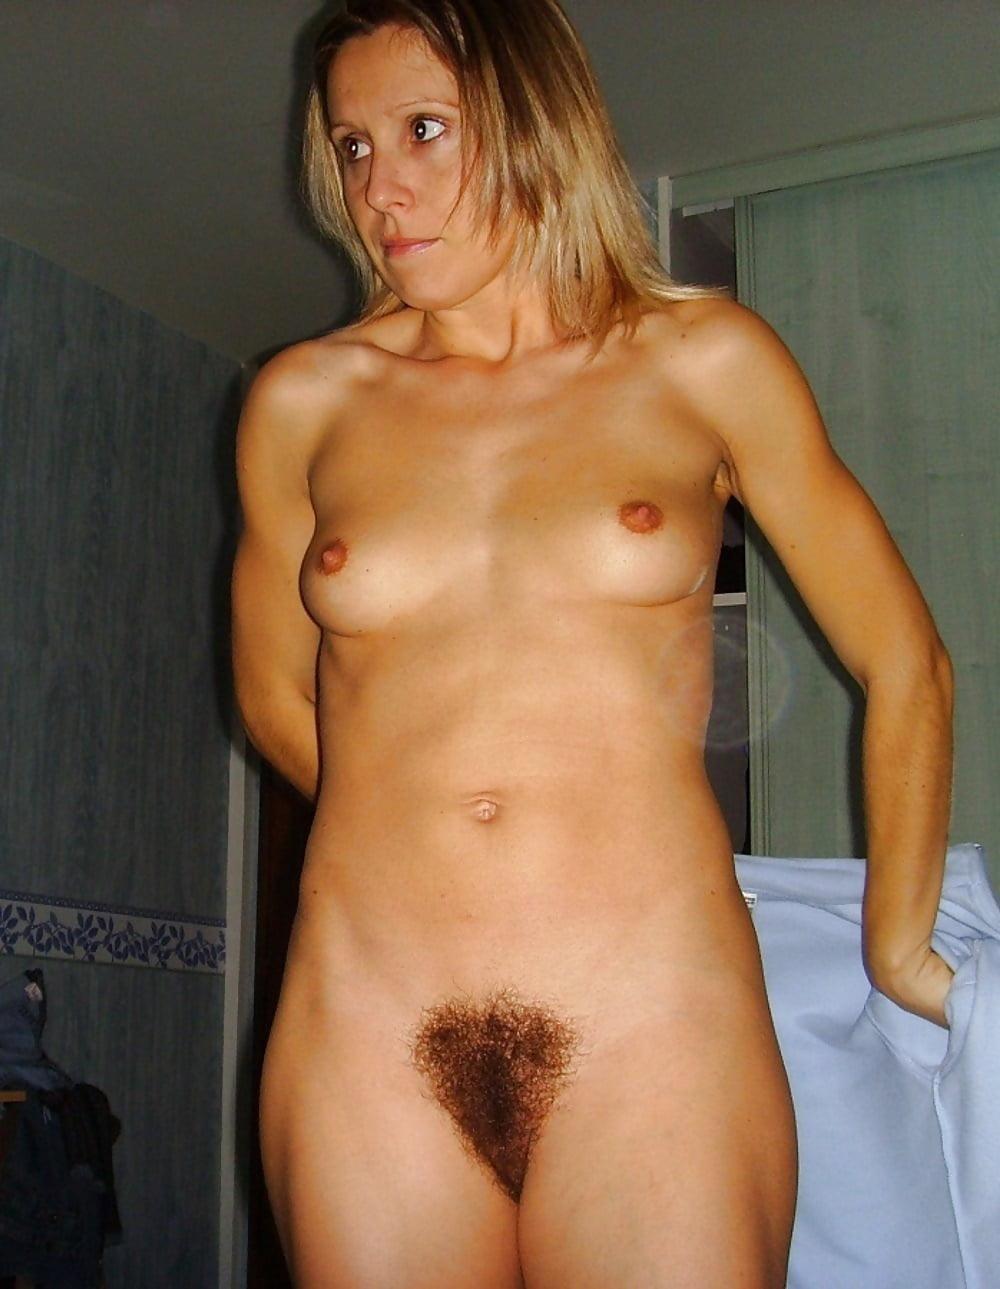 Women nude hairy amateur girlfriend posing